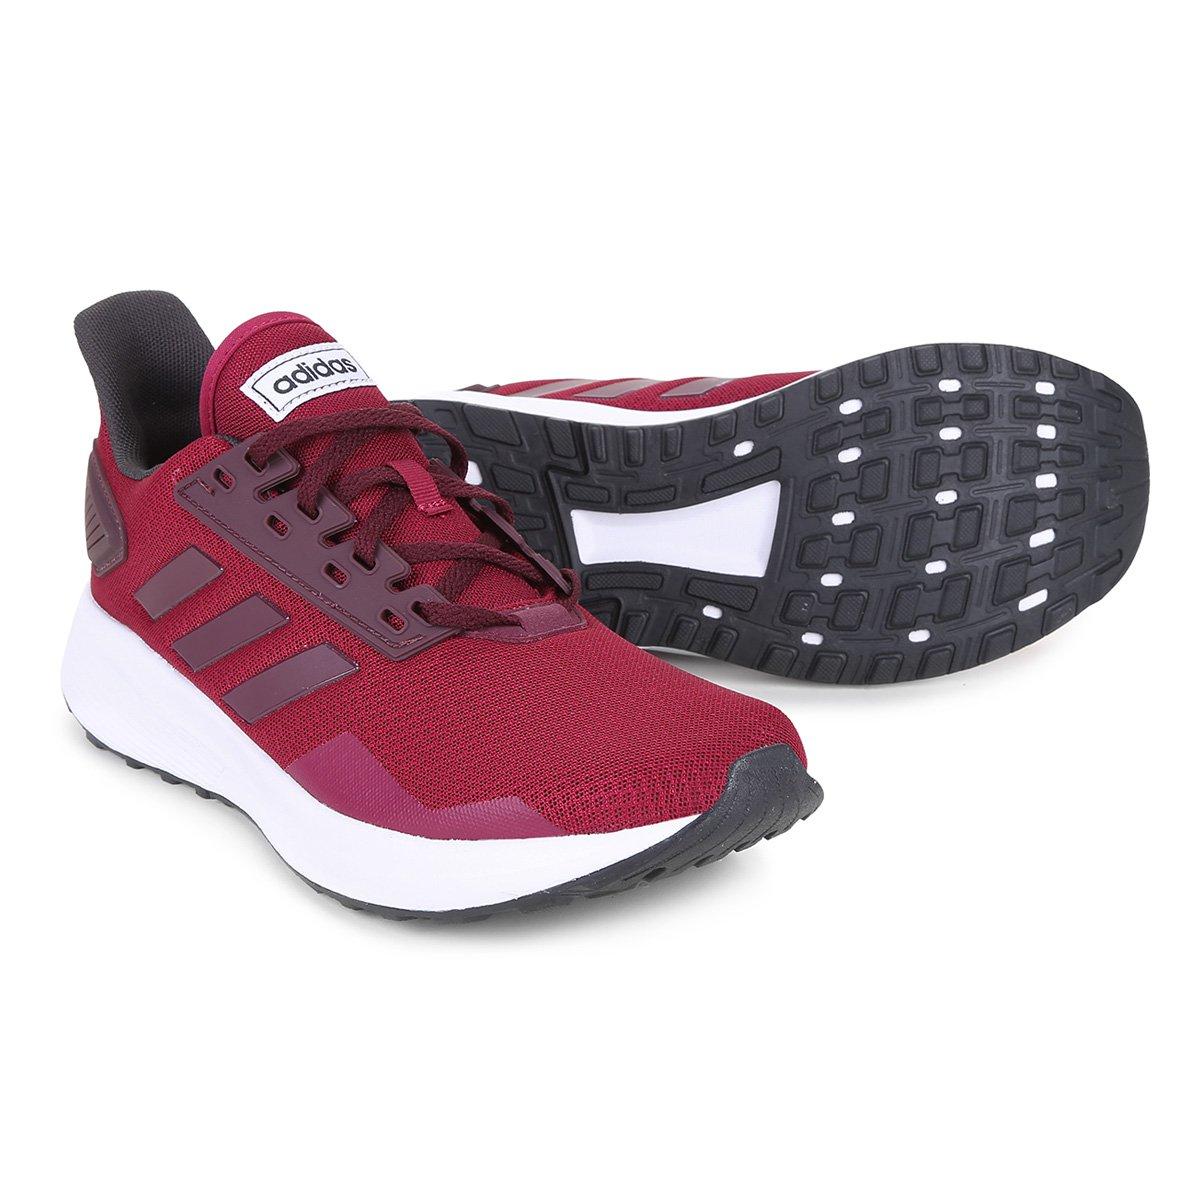 e7a69f96499 Tênis Adidas Duramo 9 Masculino - Vermelho - Compre Agora